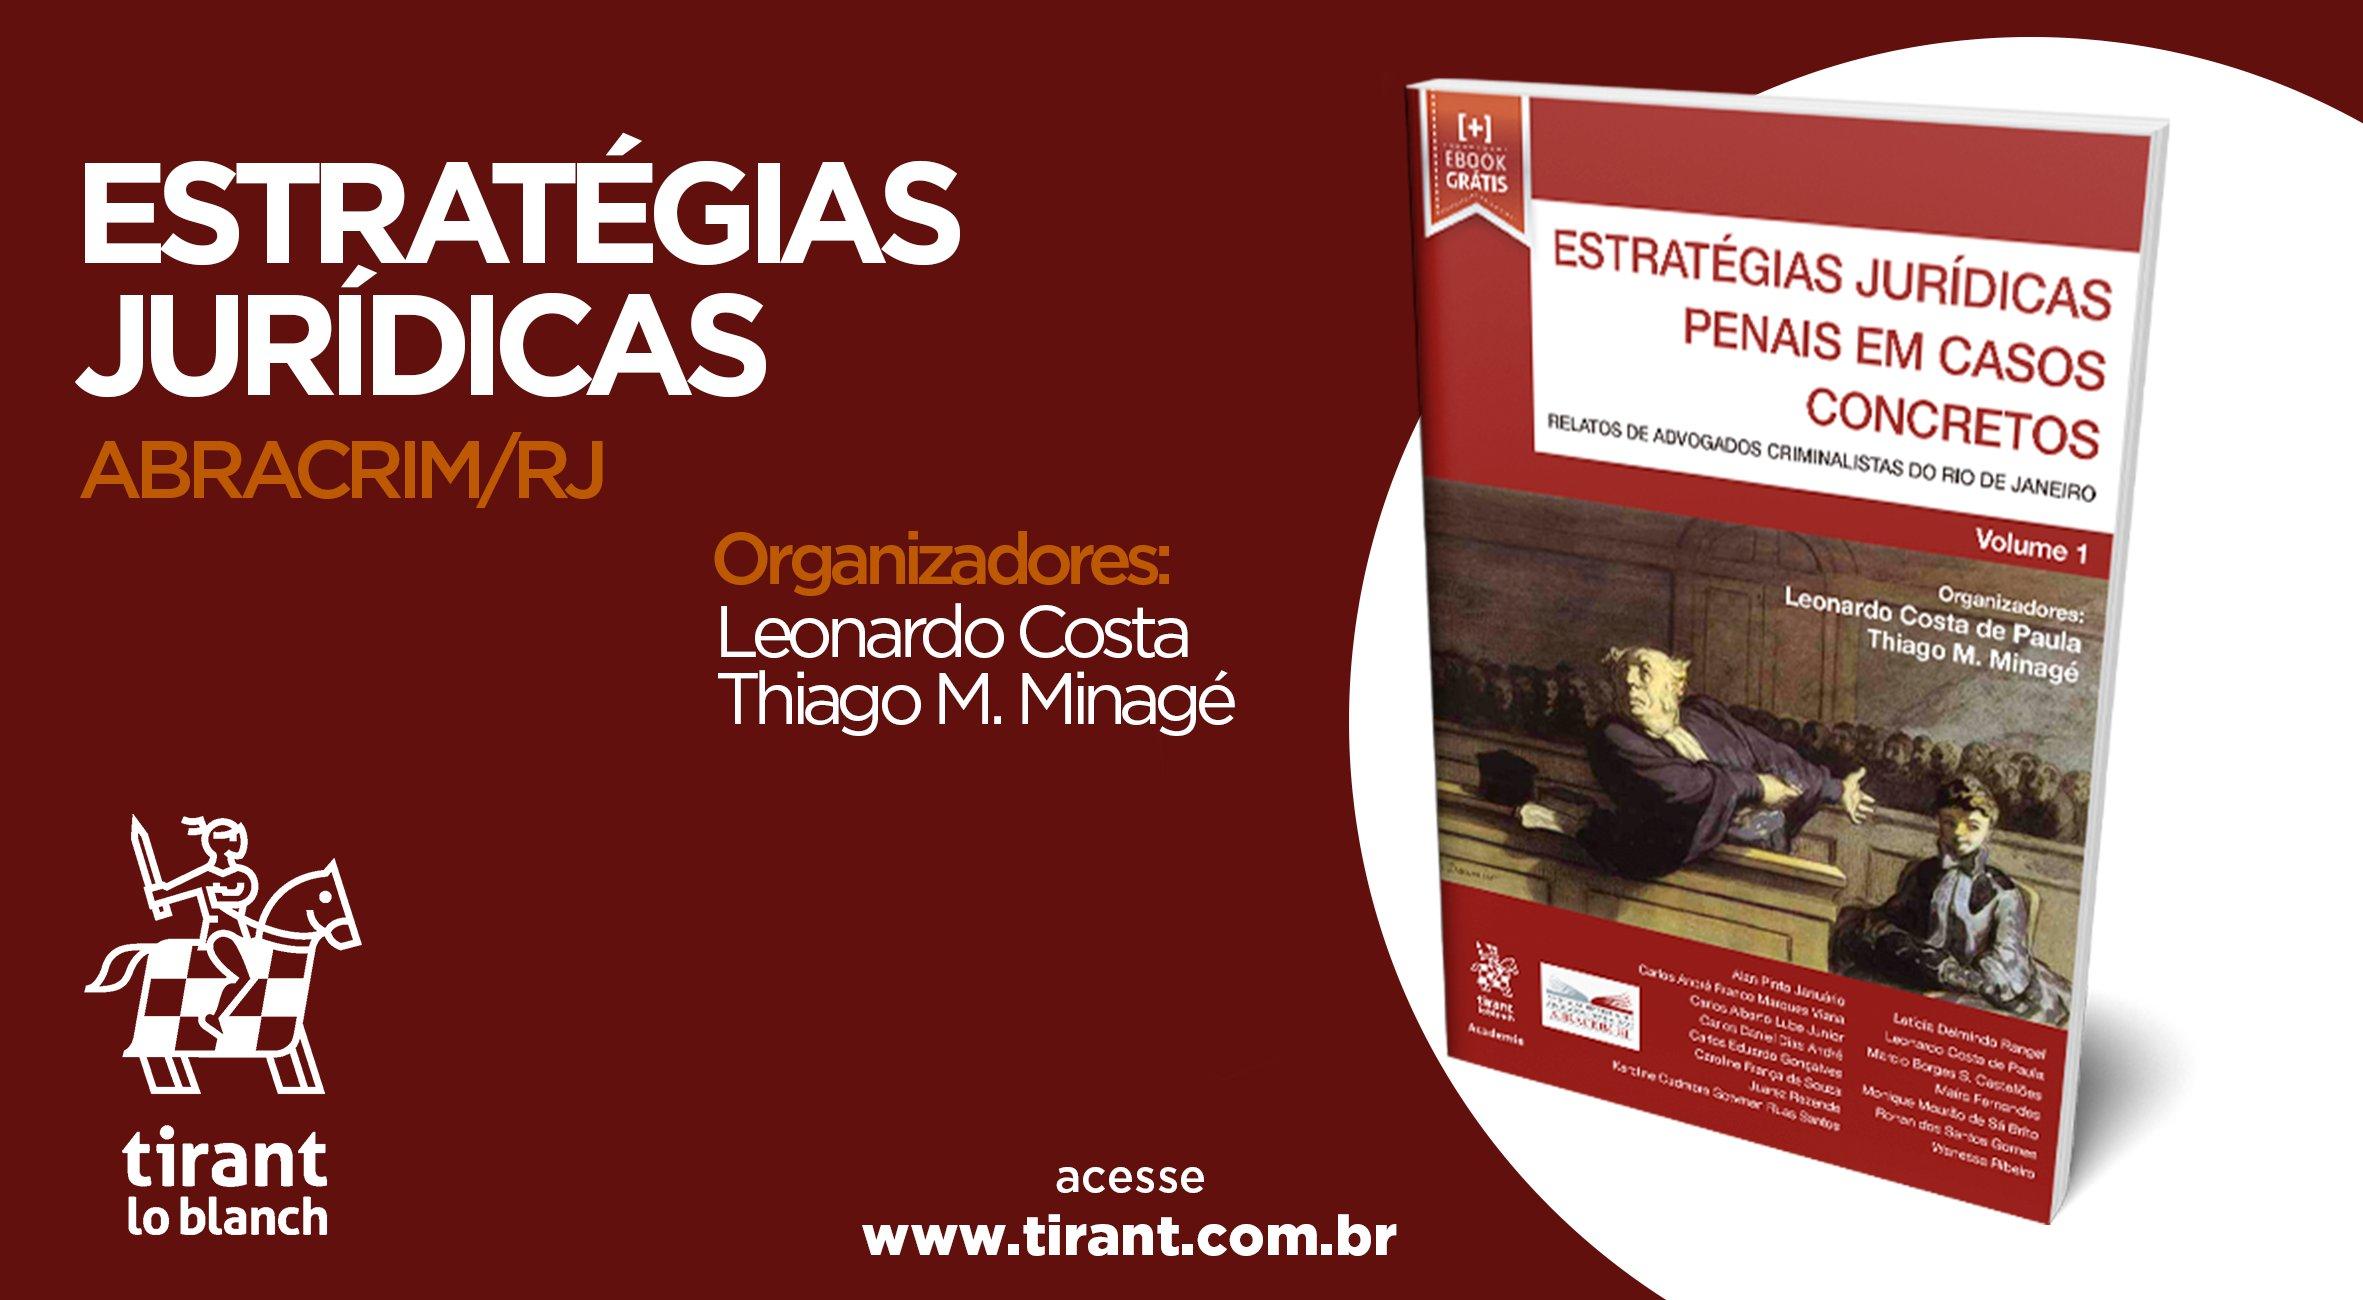 ESTRATÉGIAS JURÍDICAS EM CASOS CONCRETOS: RELATOS DE ADVOGADOS CRIMINALISTAS DO RIO DE JANEIRO (ABRACRIM/RJ) - DOS ORGANIZADORES LEONARDO COSTA E THIAGO M. MINAGÉ